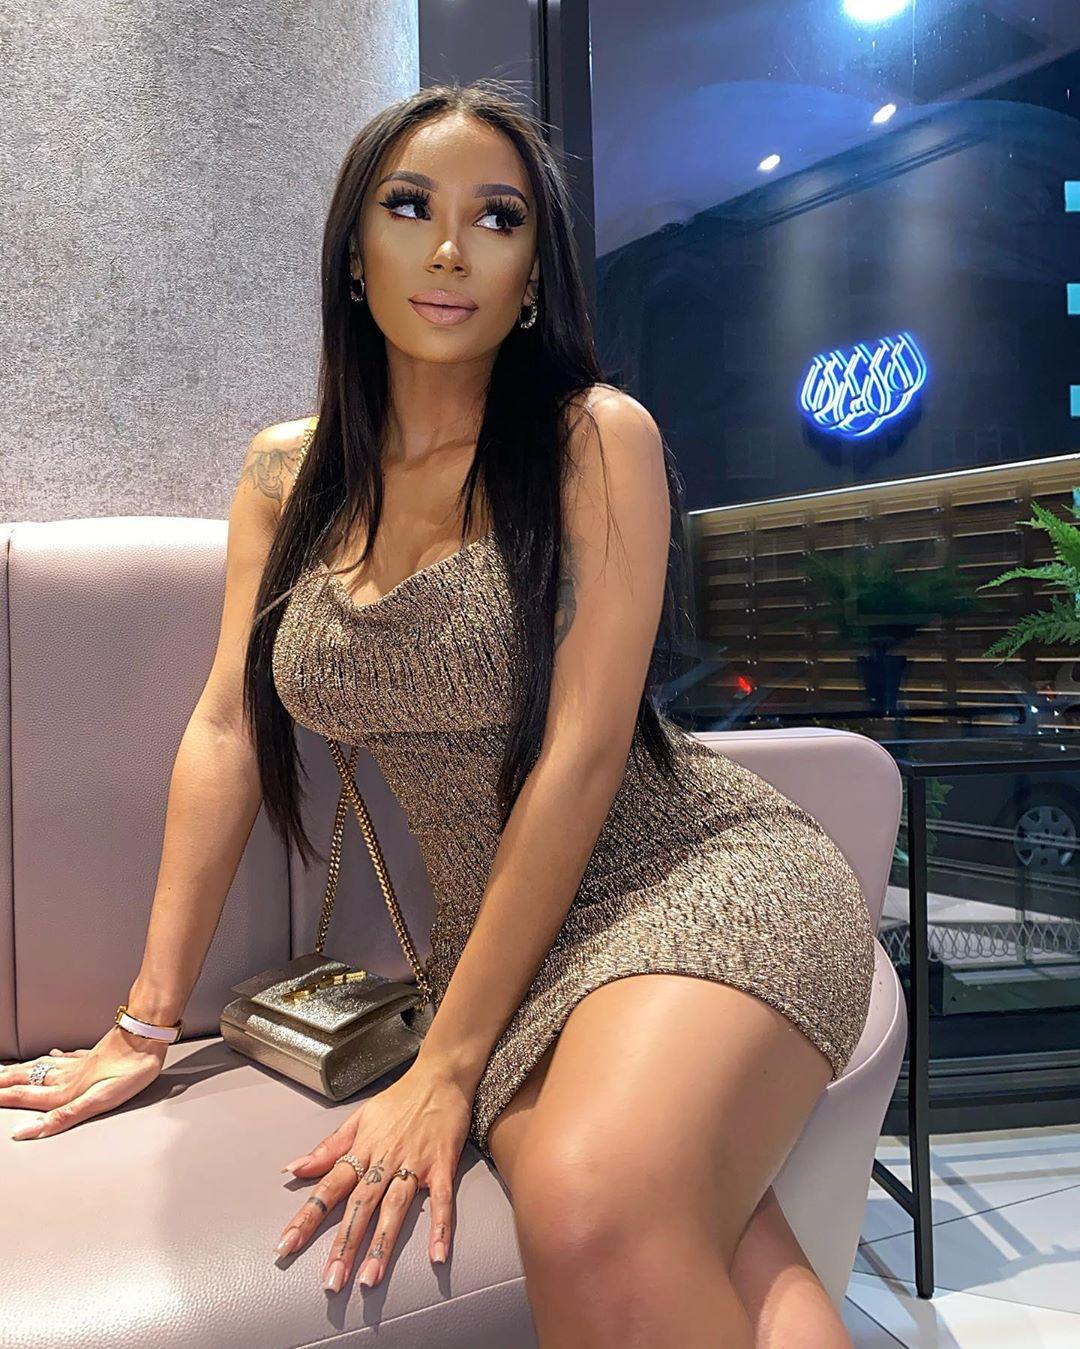 clarisse juliette hot legs, hot legs, Long Hair Girl